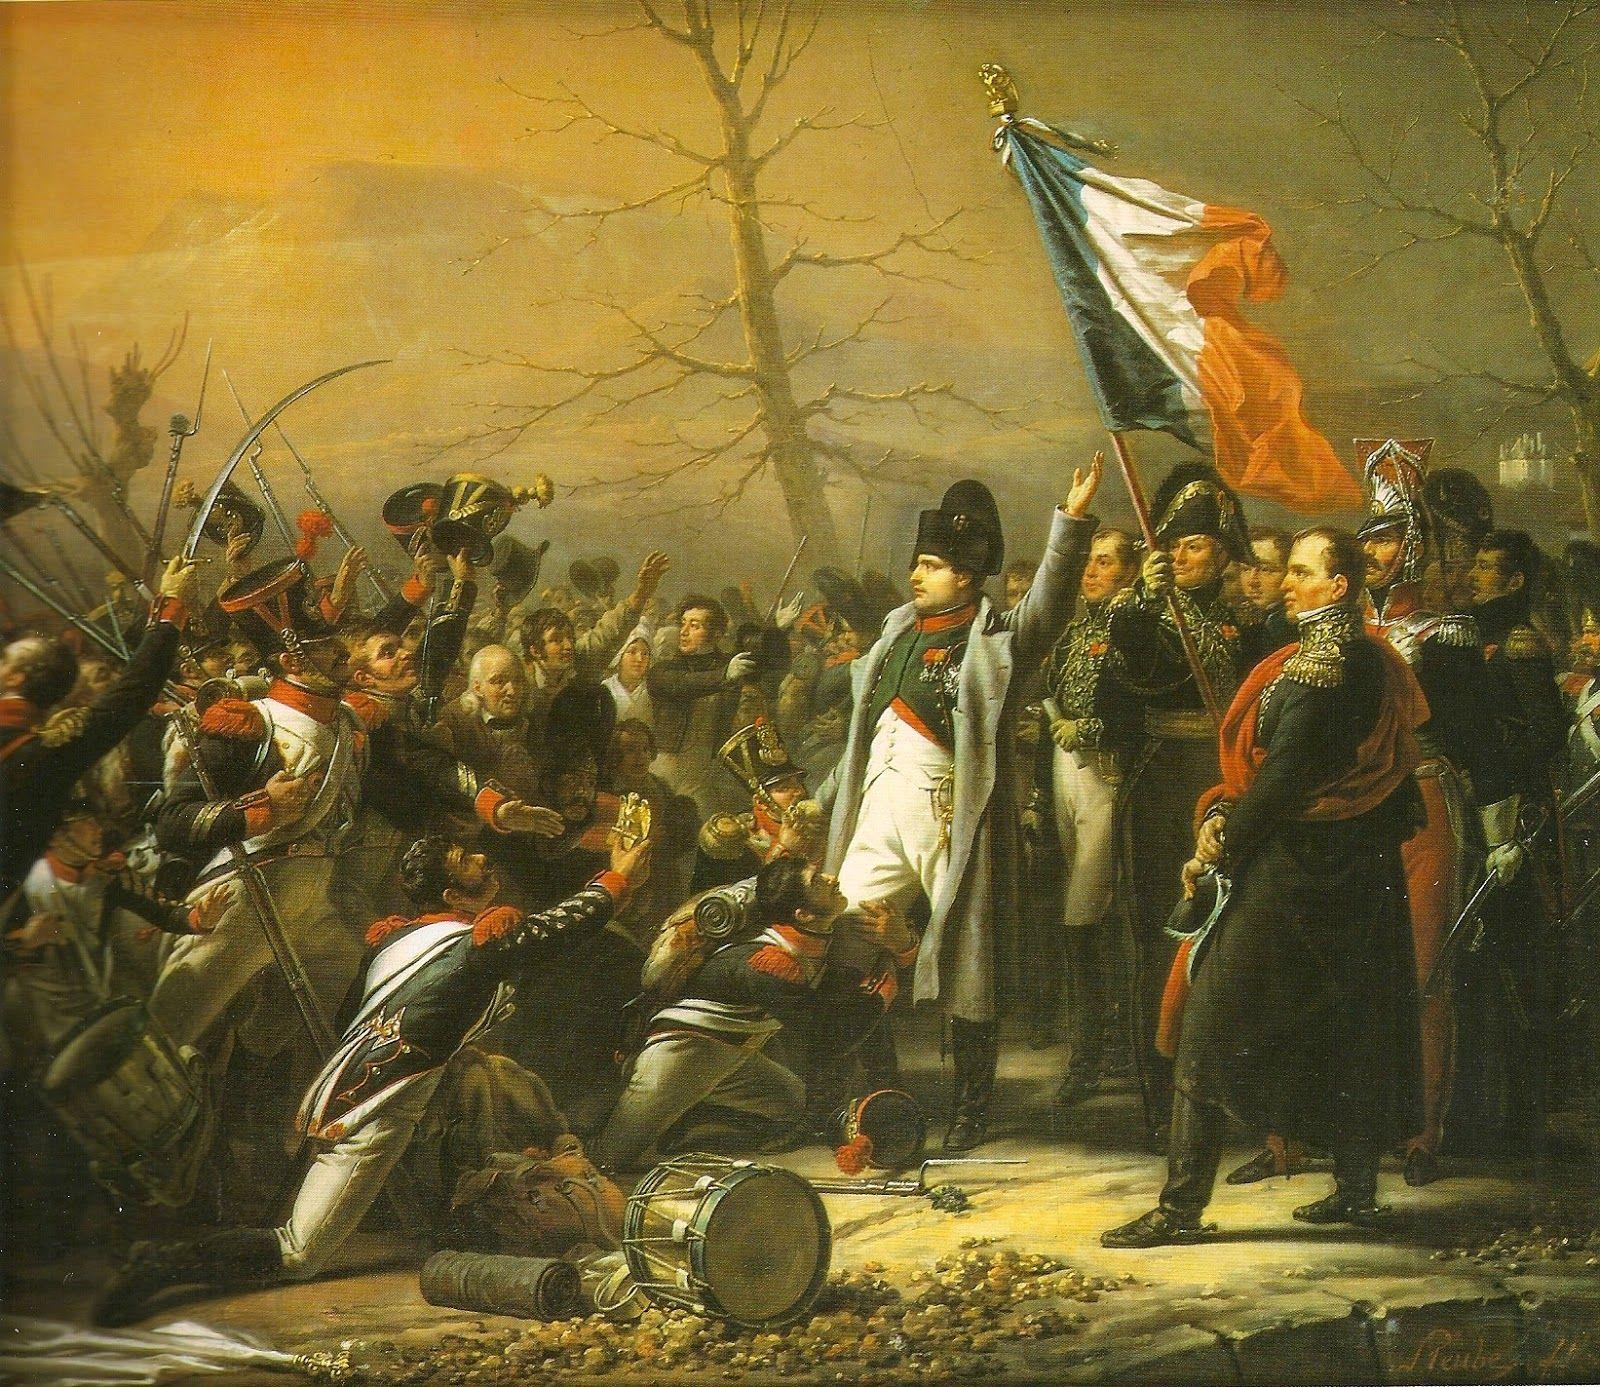 Wilhelm Sternberg: Napoleon 1er au retour de l'ile d'Elbe (1815